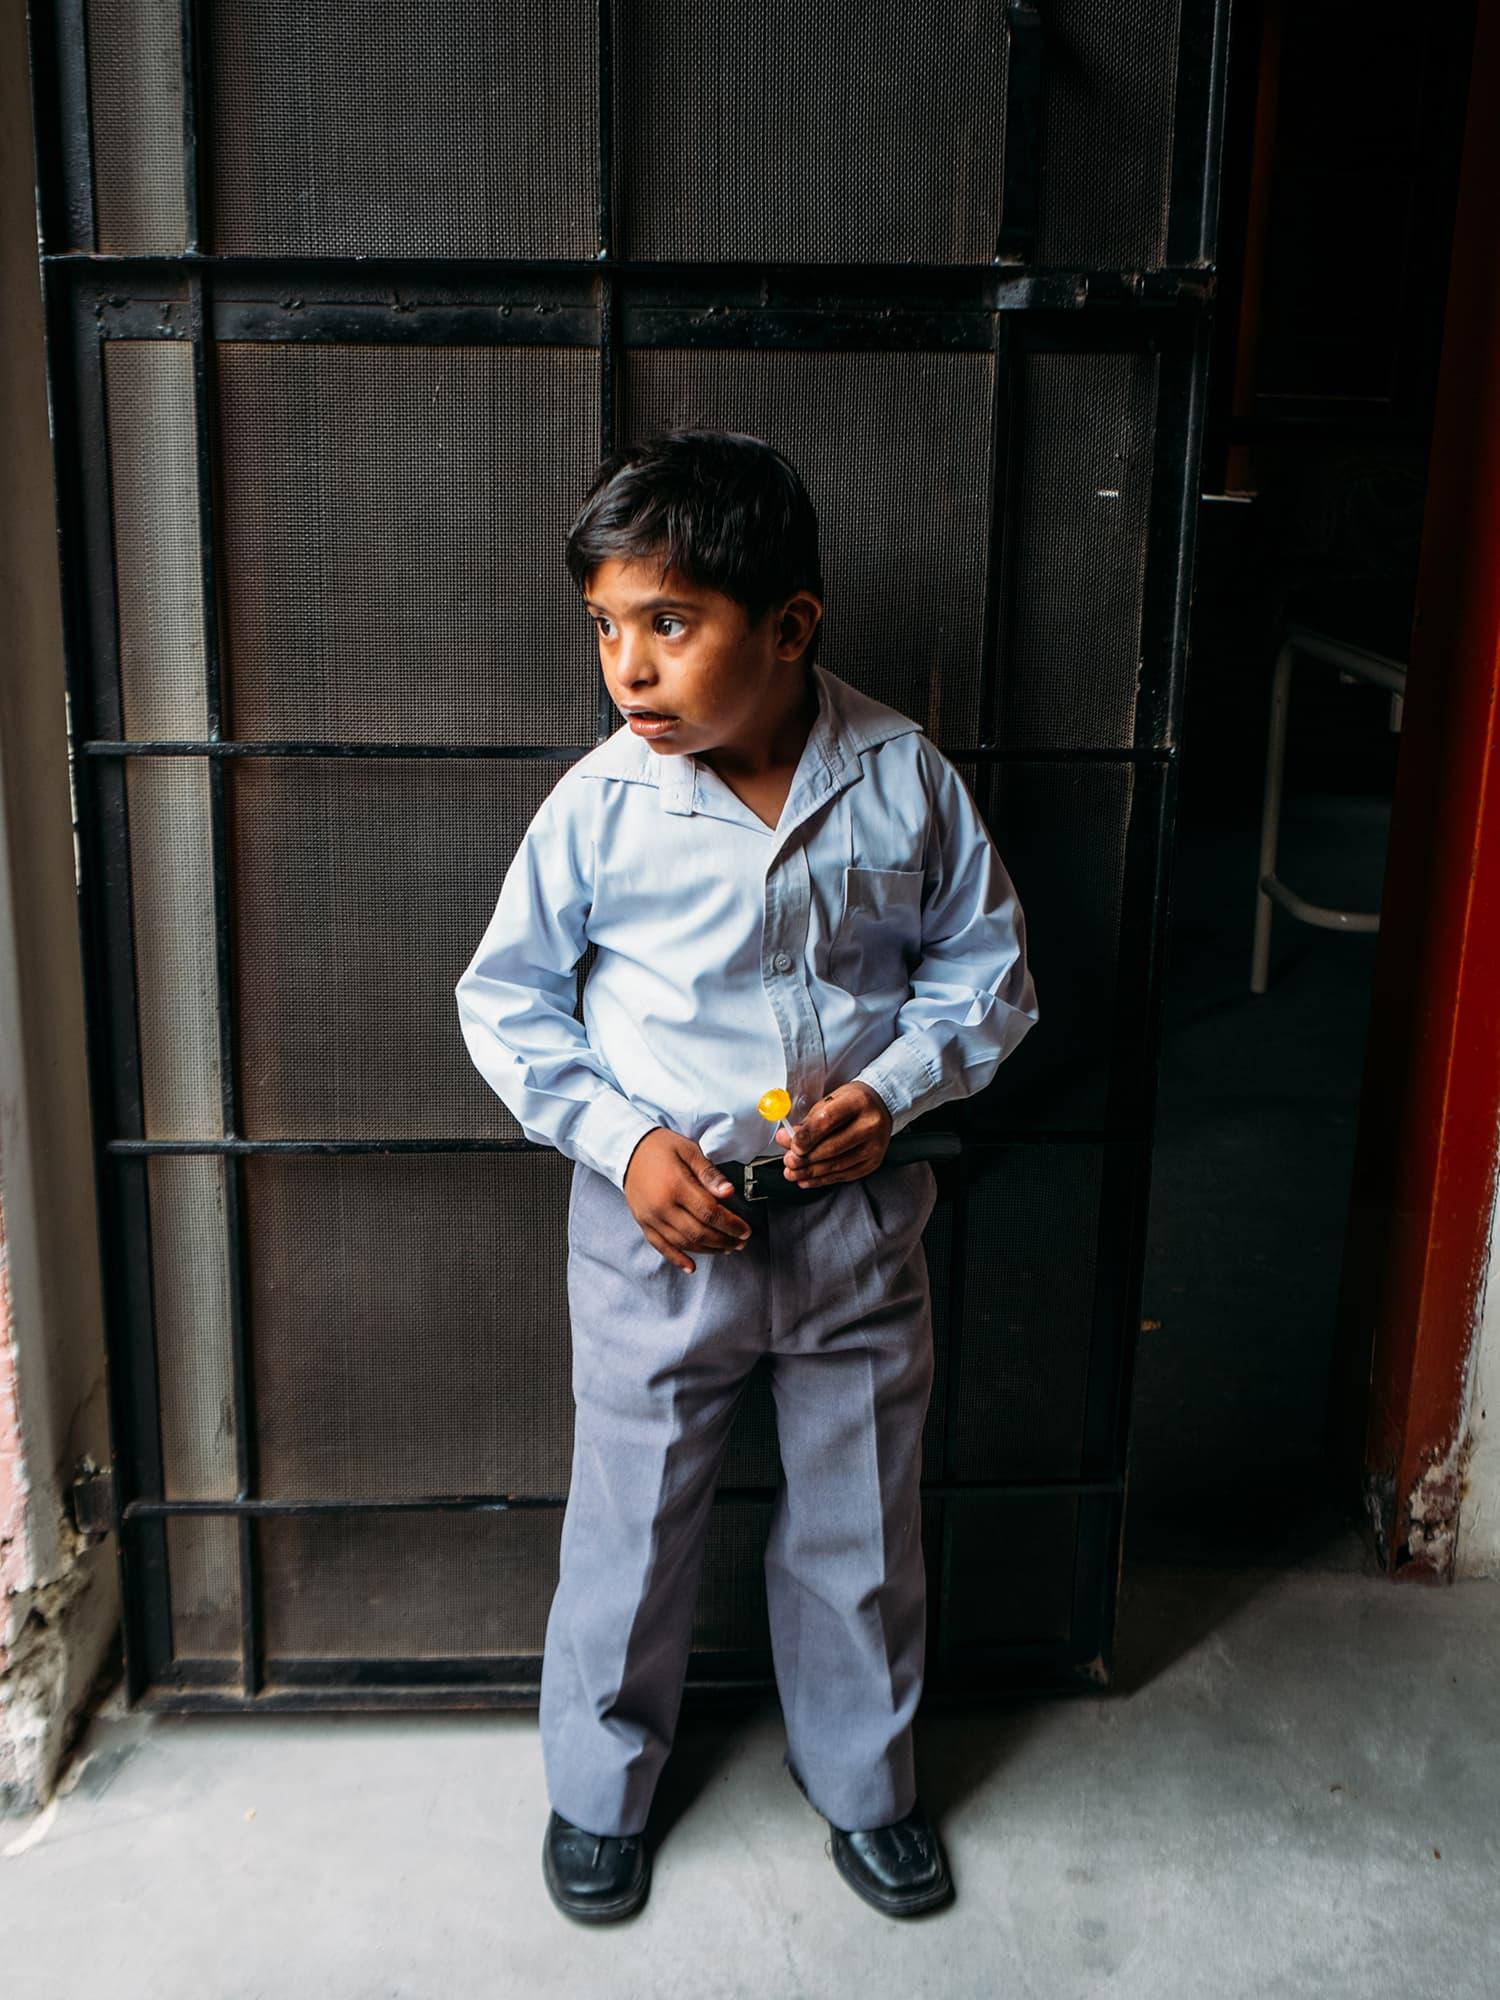 ڈاؤن سنڈروم کا شکار بچہ لولی پاپ کھانے کے لیے دوسروں سے دور آگیا ہے۔